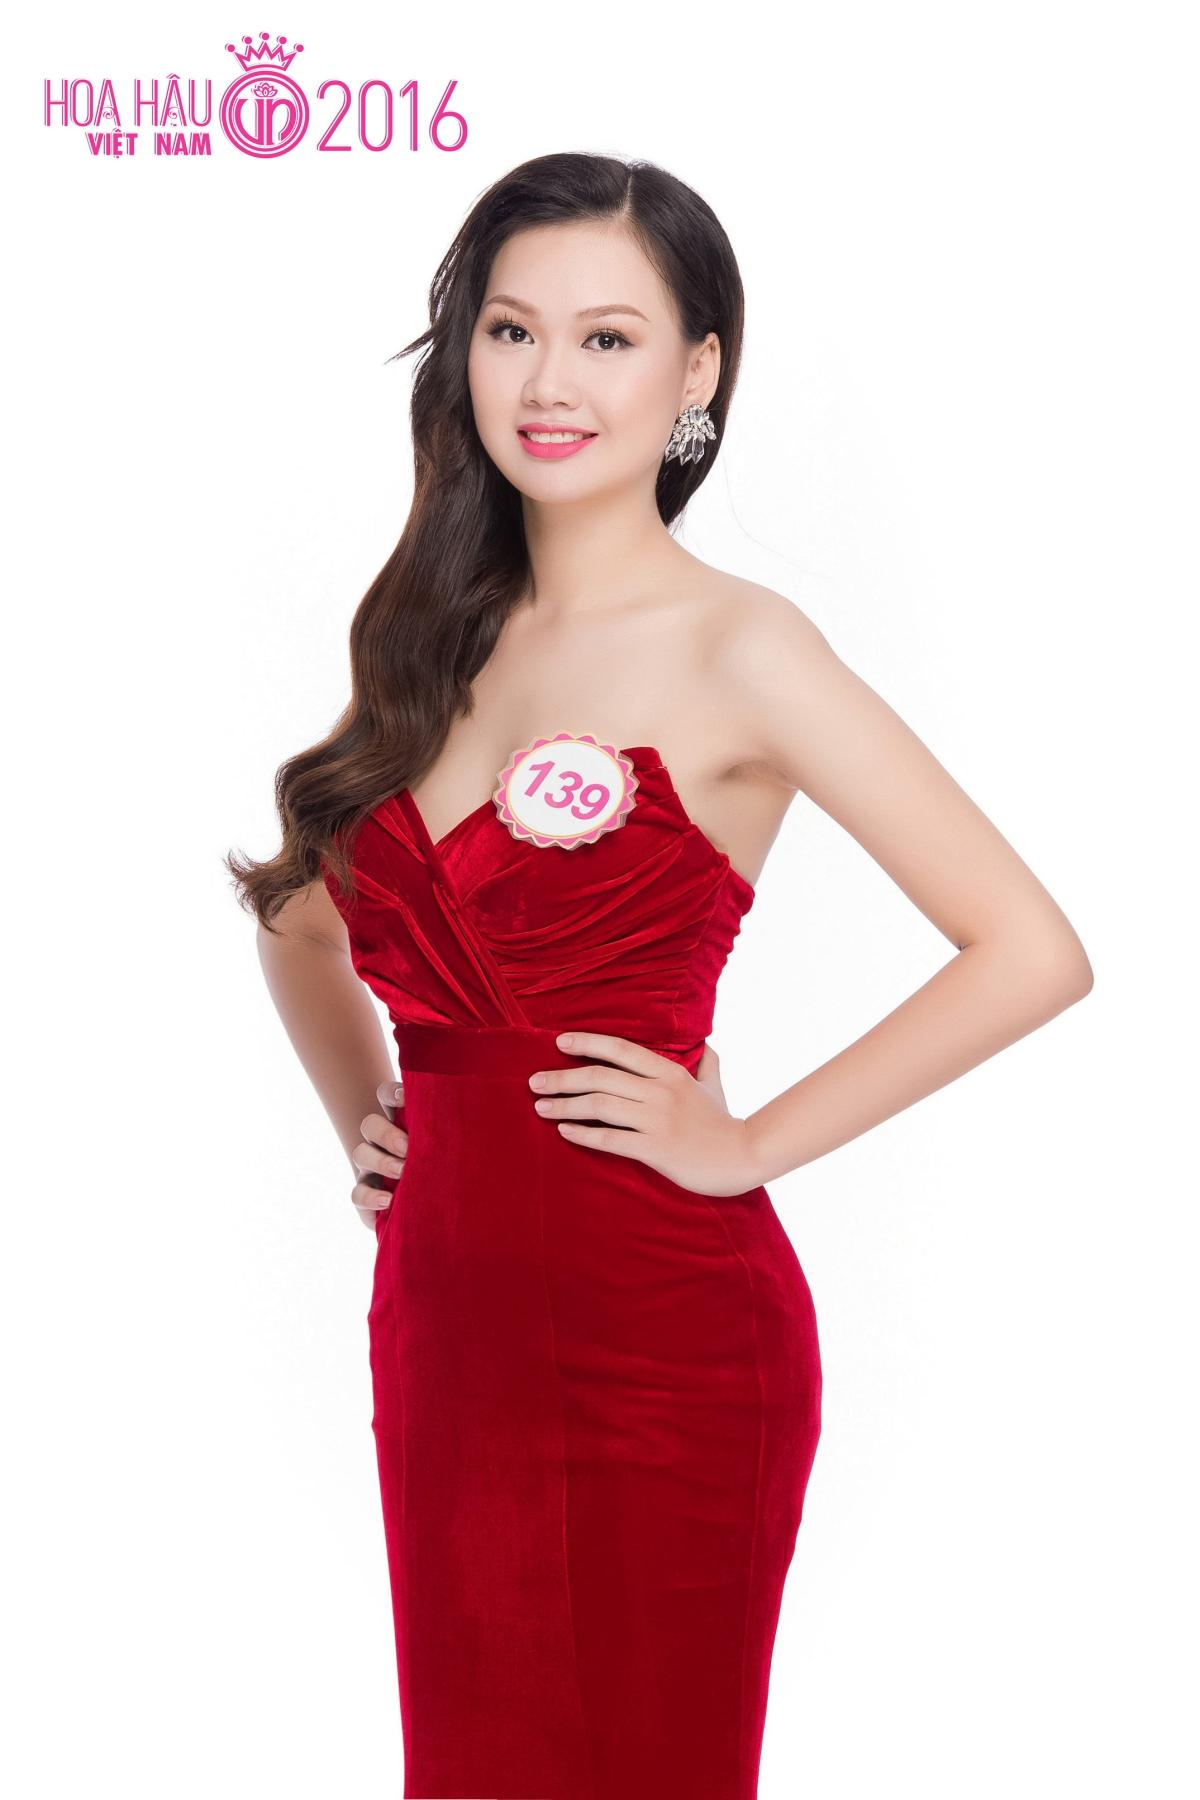 Nguyễn Hương Mỹ Linh (SBD 139)